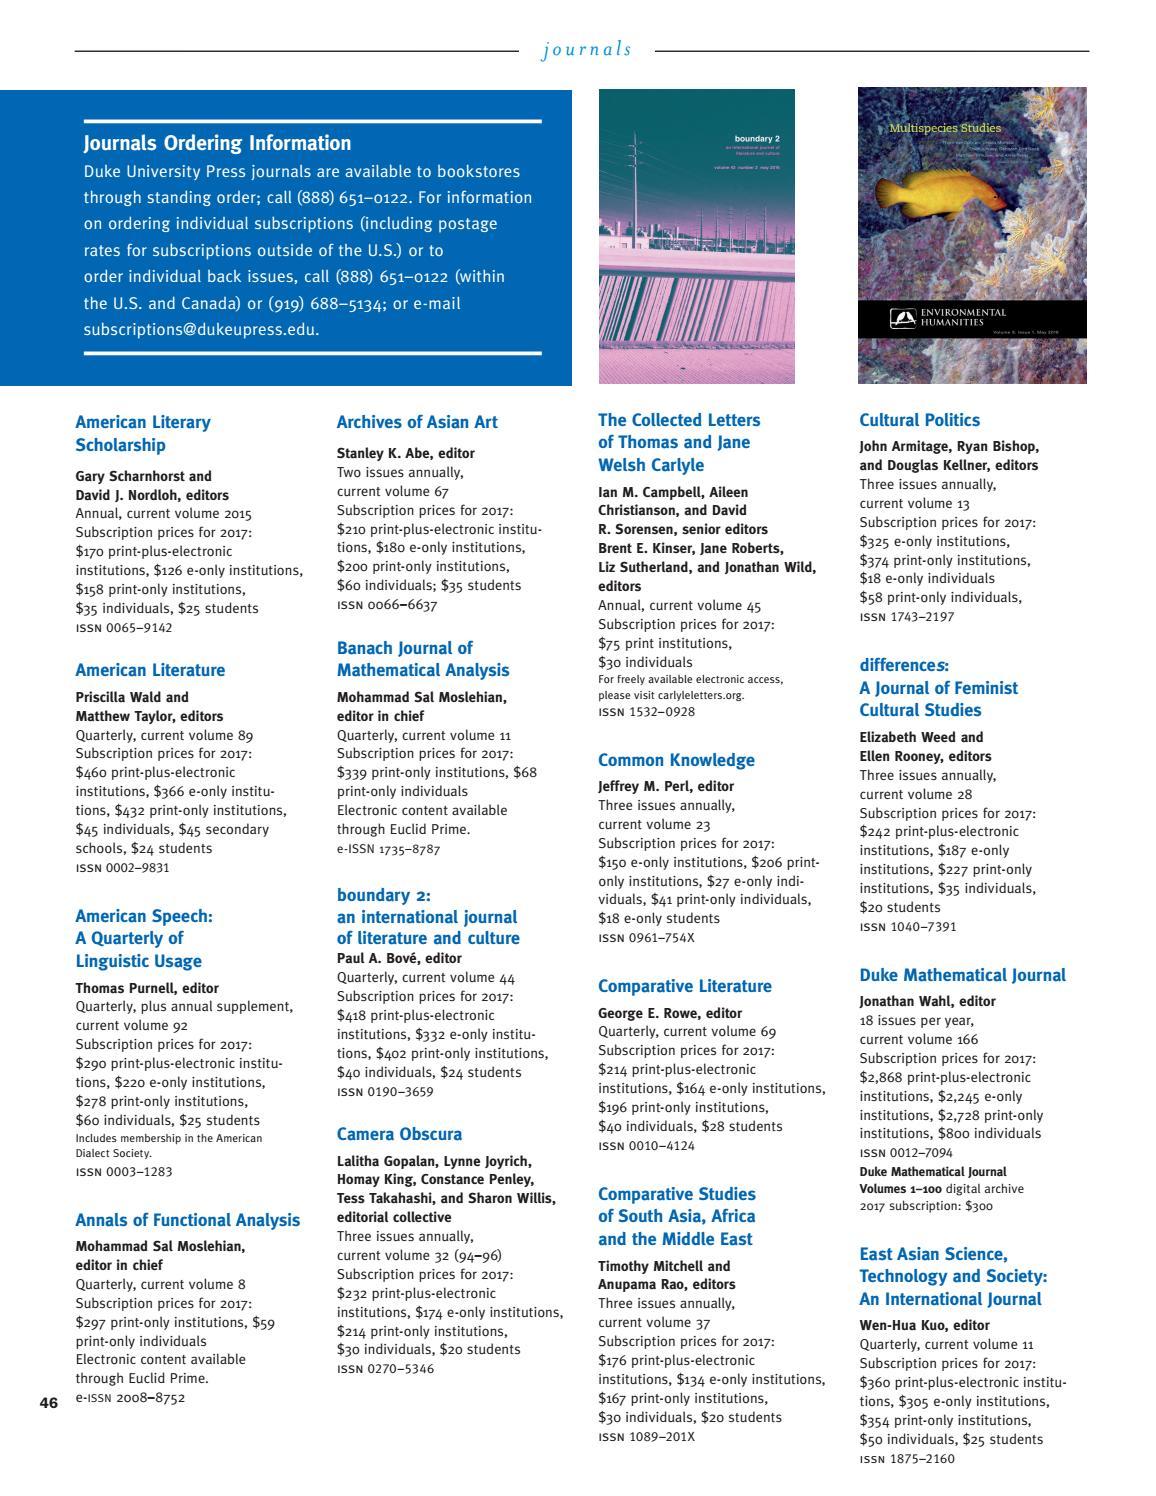 Duke University Press Spring & Summer 2017 Catalog by Duke